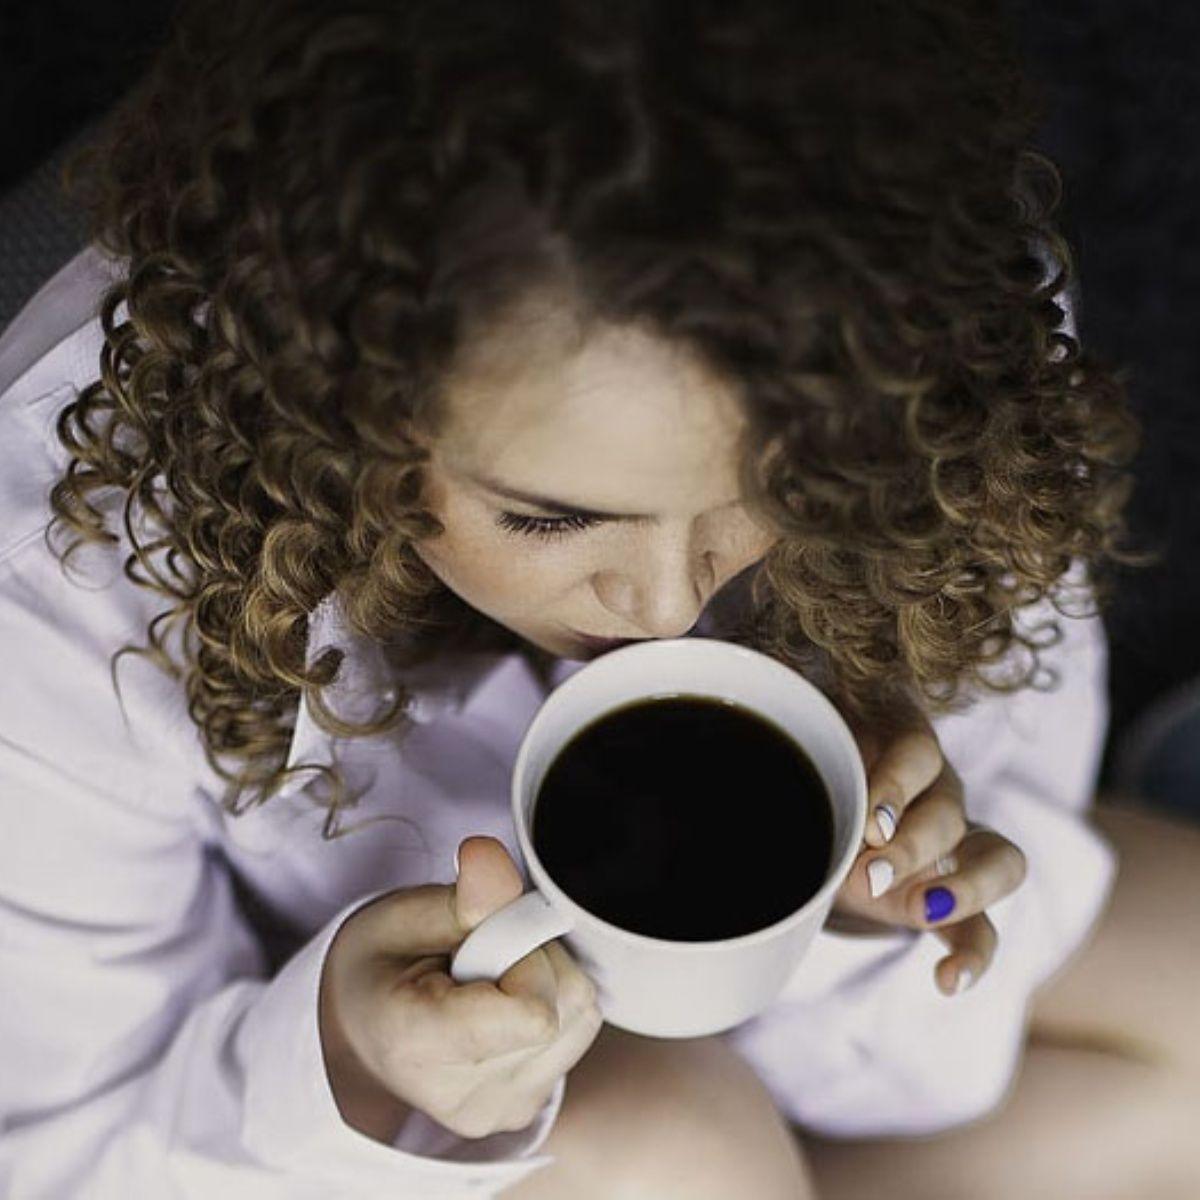 El café es un riesgo para las mujeres que desean quedar embarazadas